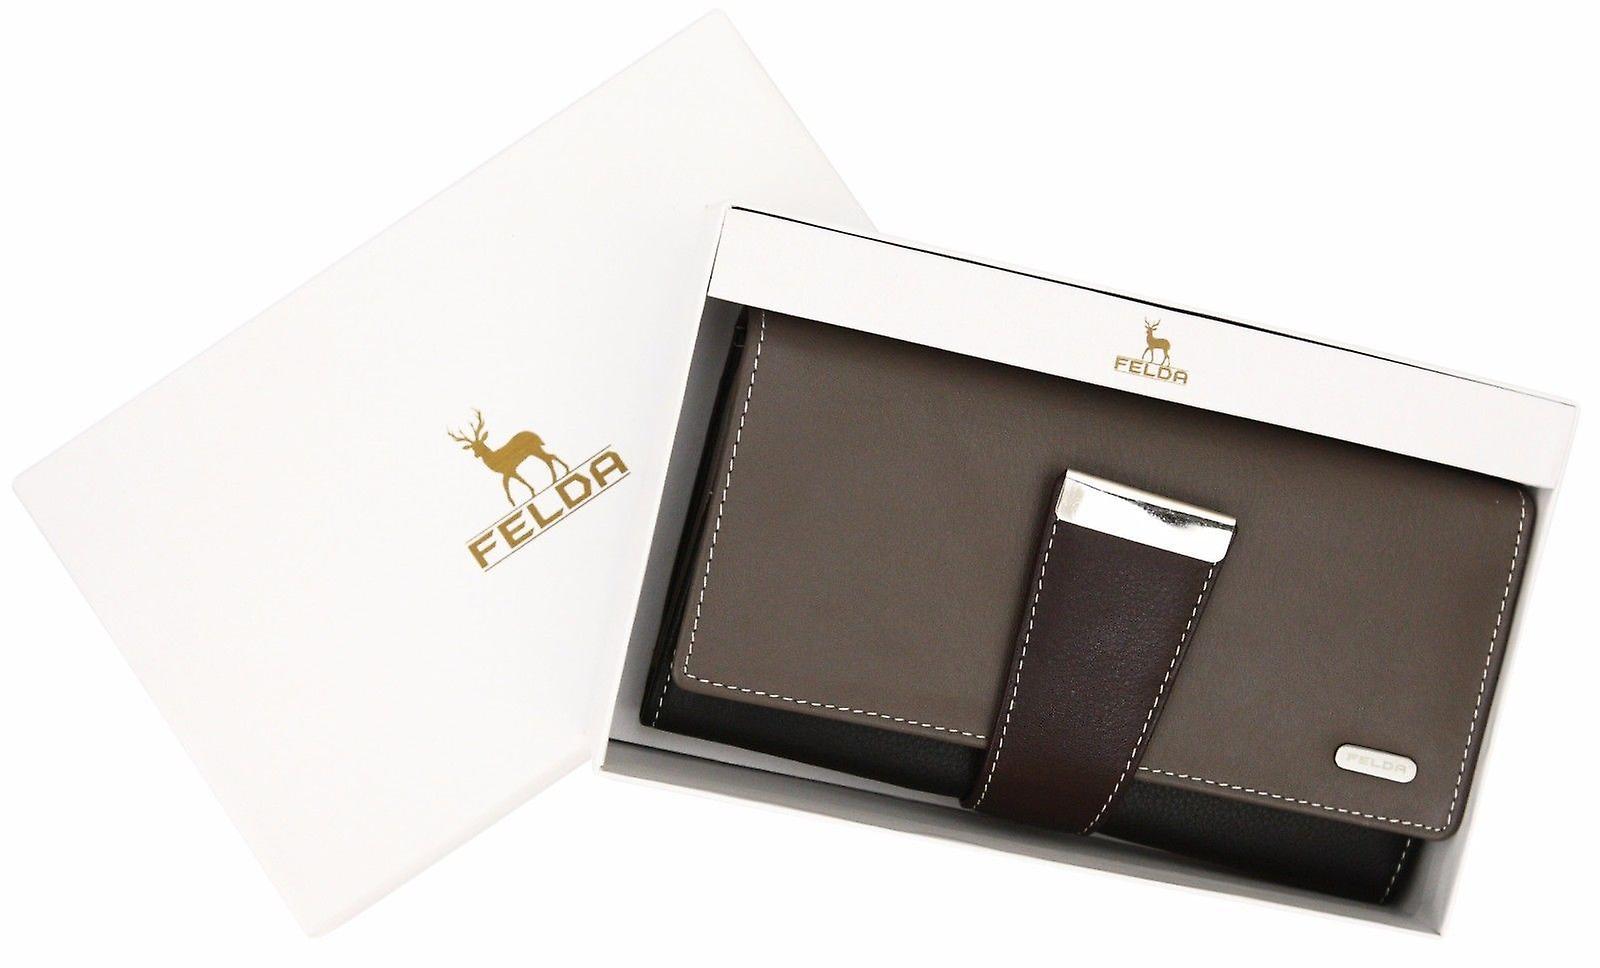 Felda RFID Ladies Leather Soft Wallet Large Capacity Purse Womens Multi 24 Card